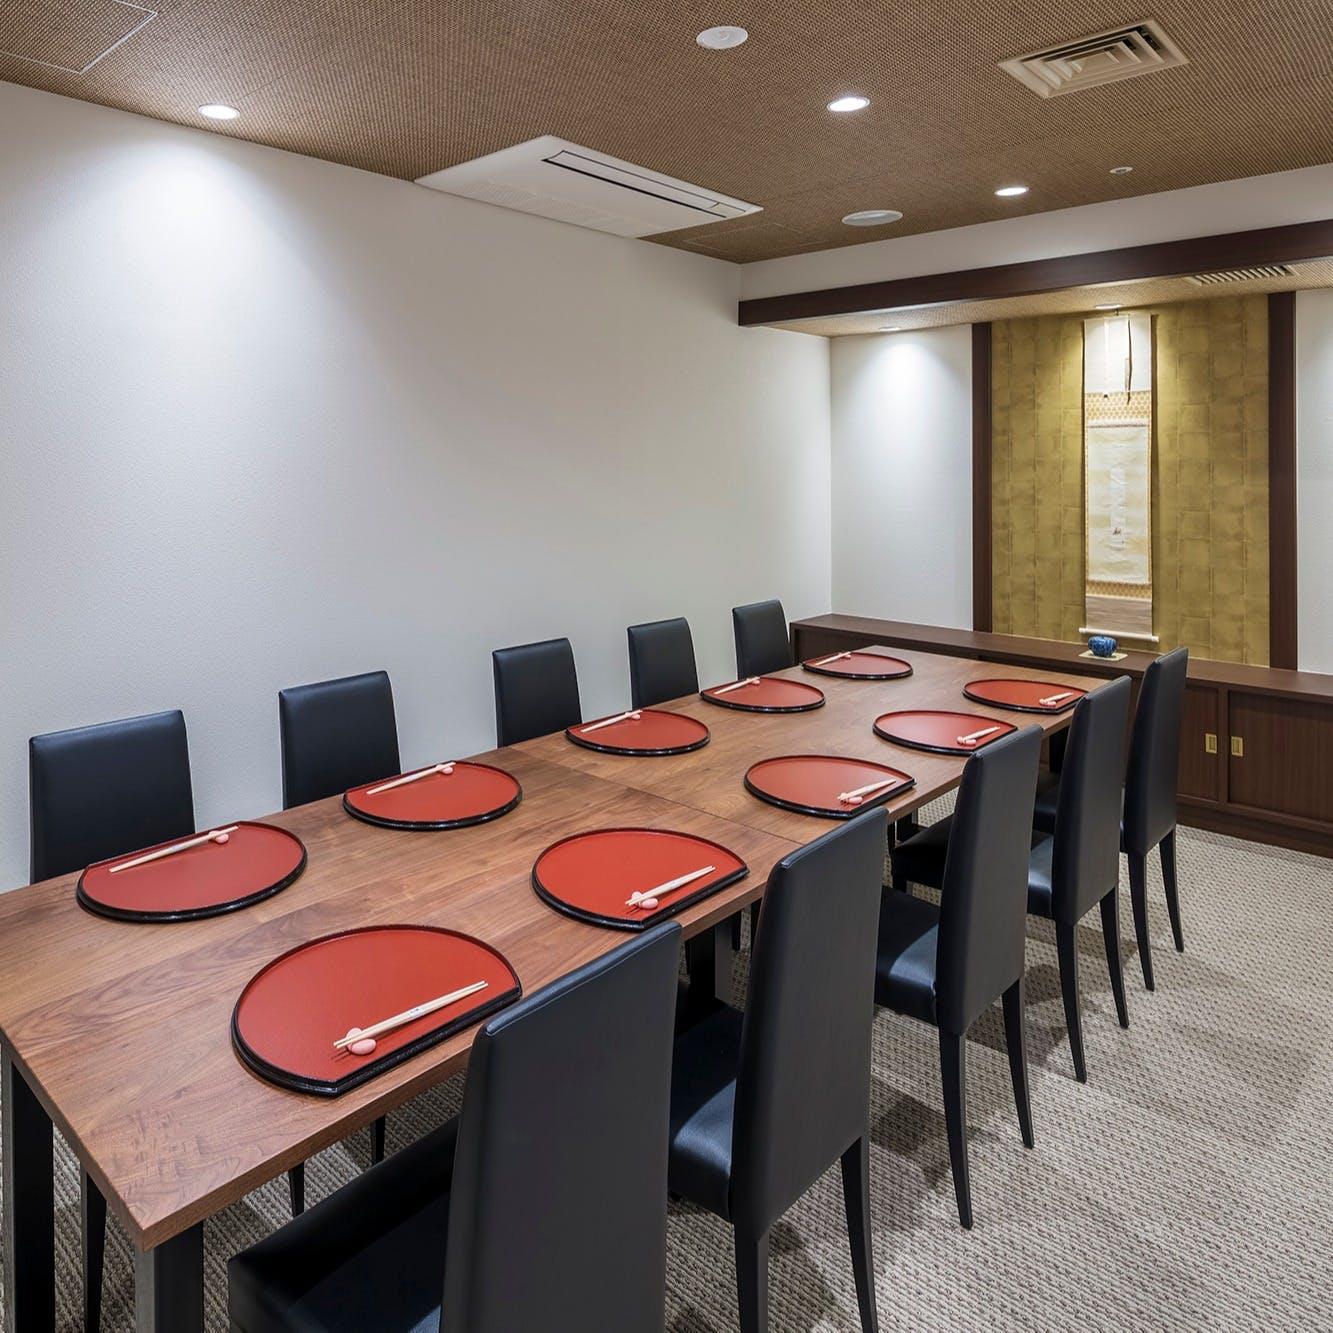 お顔合わせや家族でのお集りに最適な個室をご用意しております。